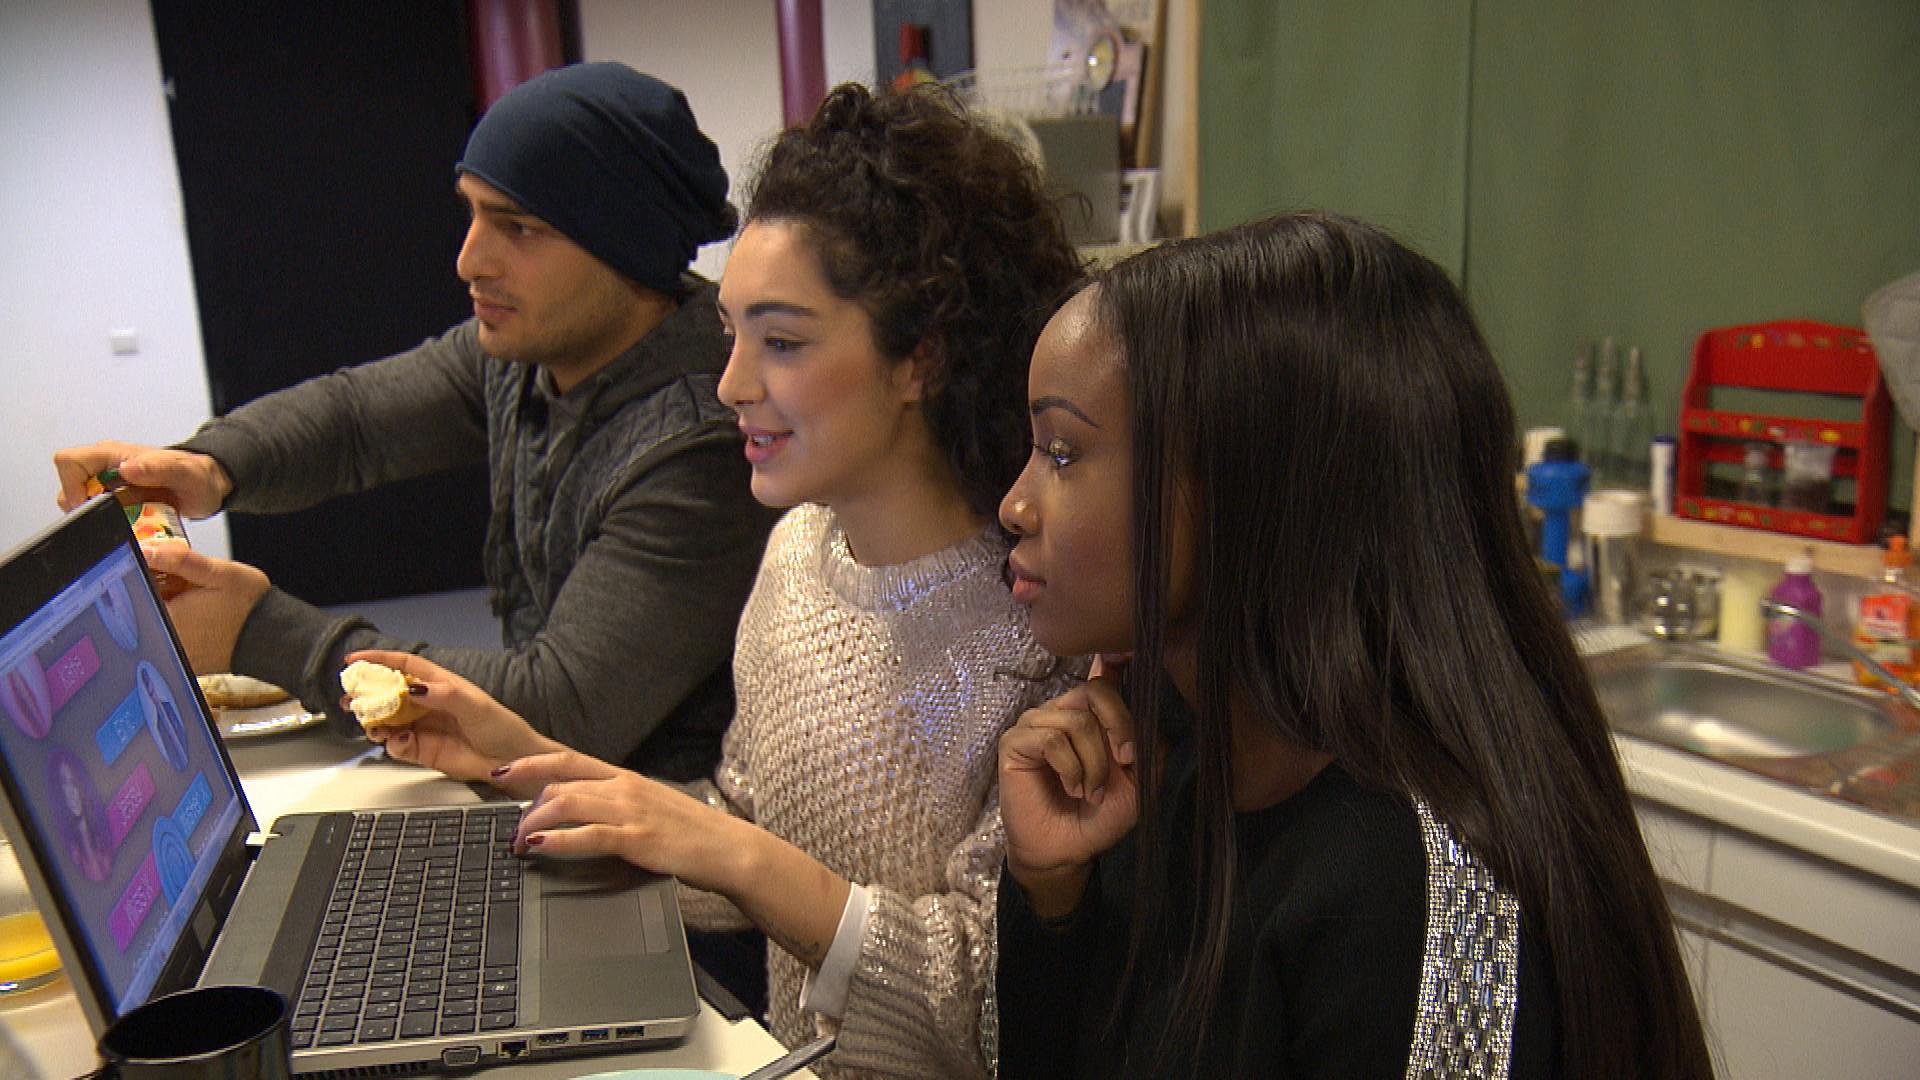 Joleen und Michelle flattert die Einladung zur Teilnahme bei einer Miss-Wahl ins Haus. Und obwohl beide für sich ausschließen, an einem solchen Wettbewerb teilzunehmen, entbrennt ein erbitterter Konkurrenzkampf. (Quelle: RTL 2)